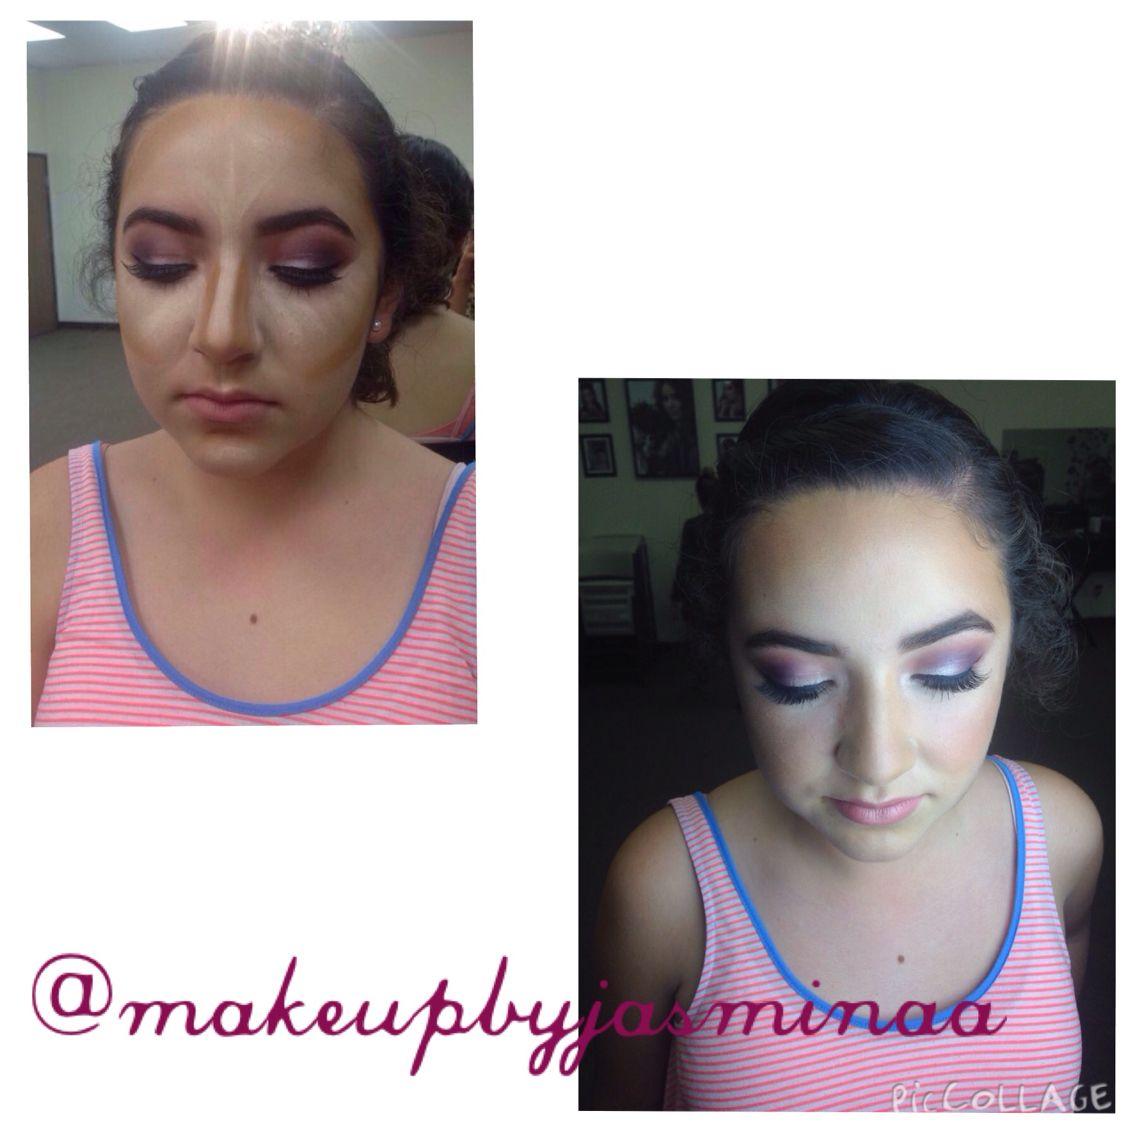 @makeupbyjasminaa